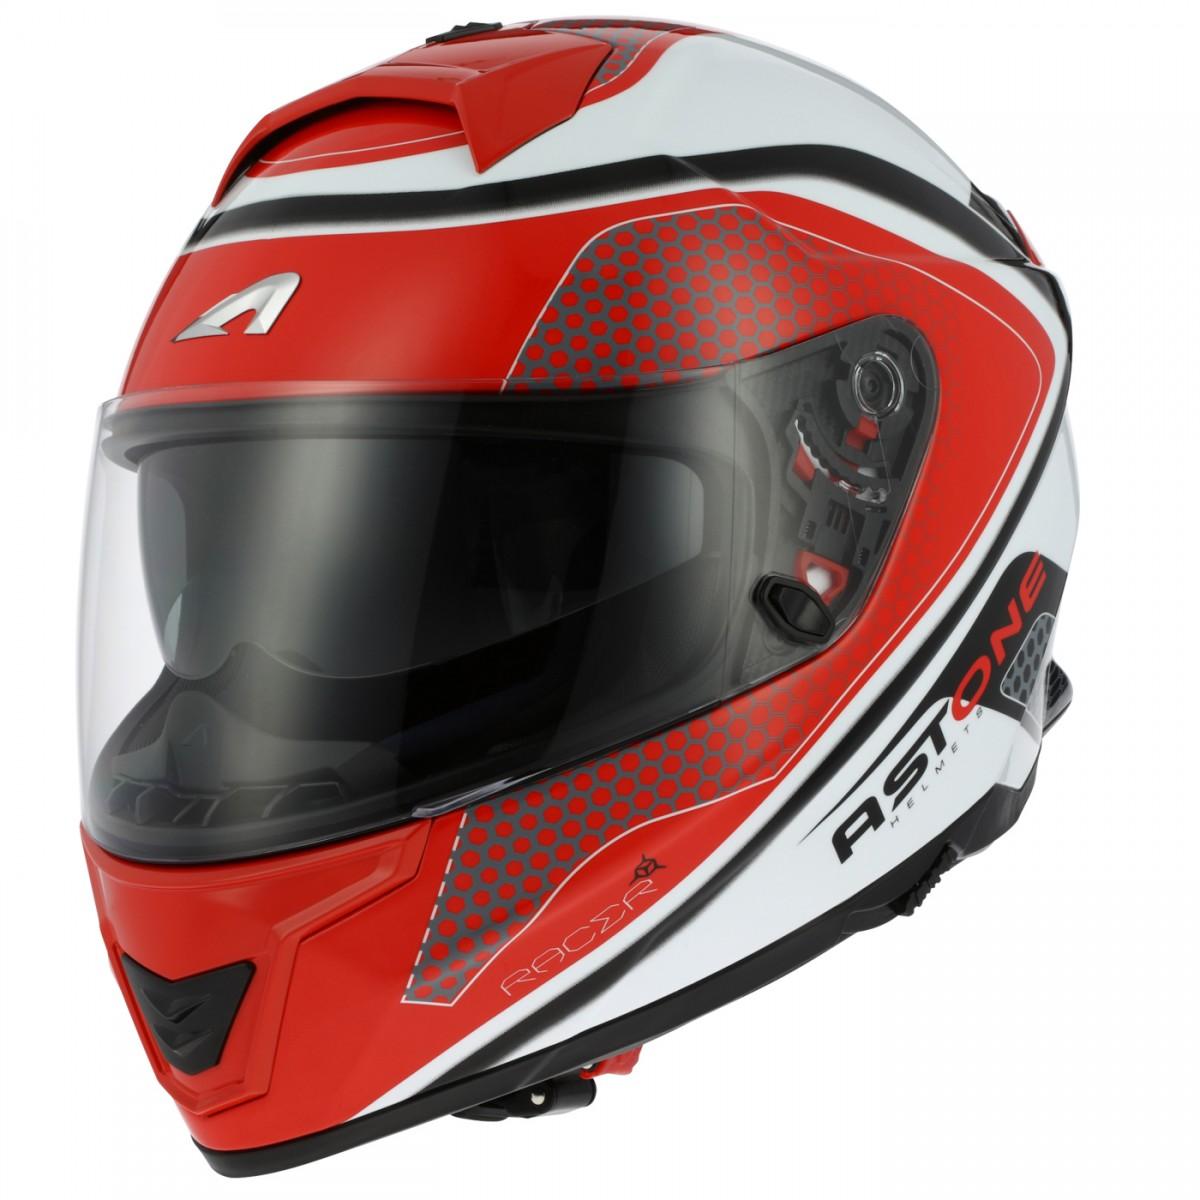 d coration casque moto fashion designs